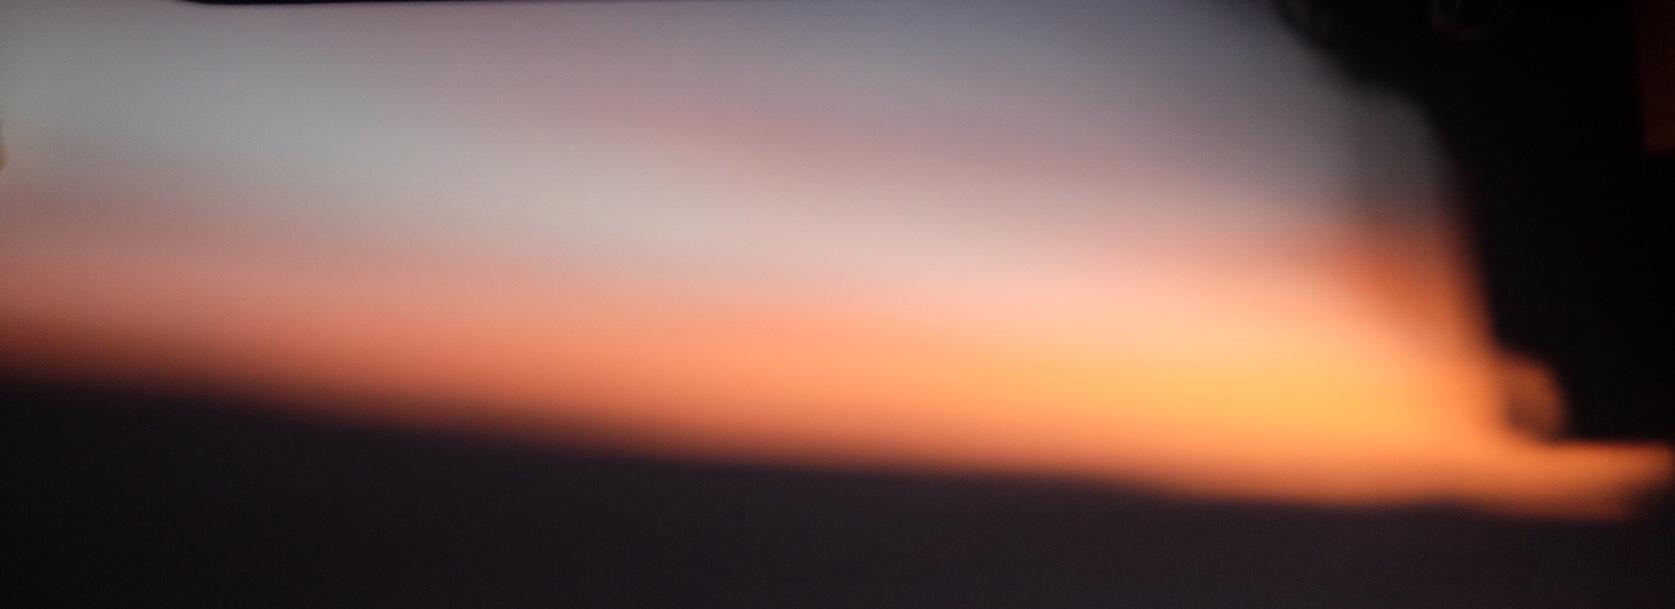 aura 2.jpg